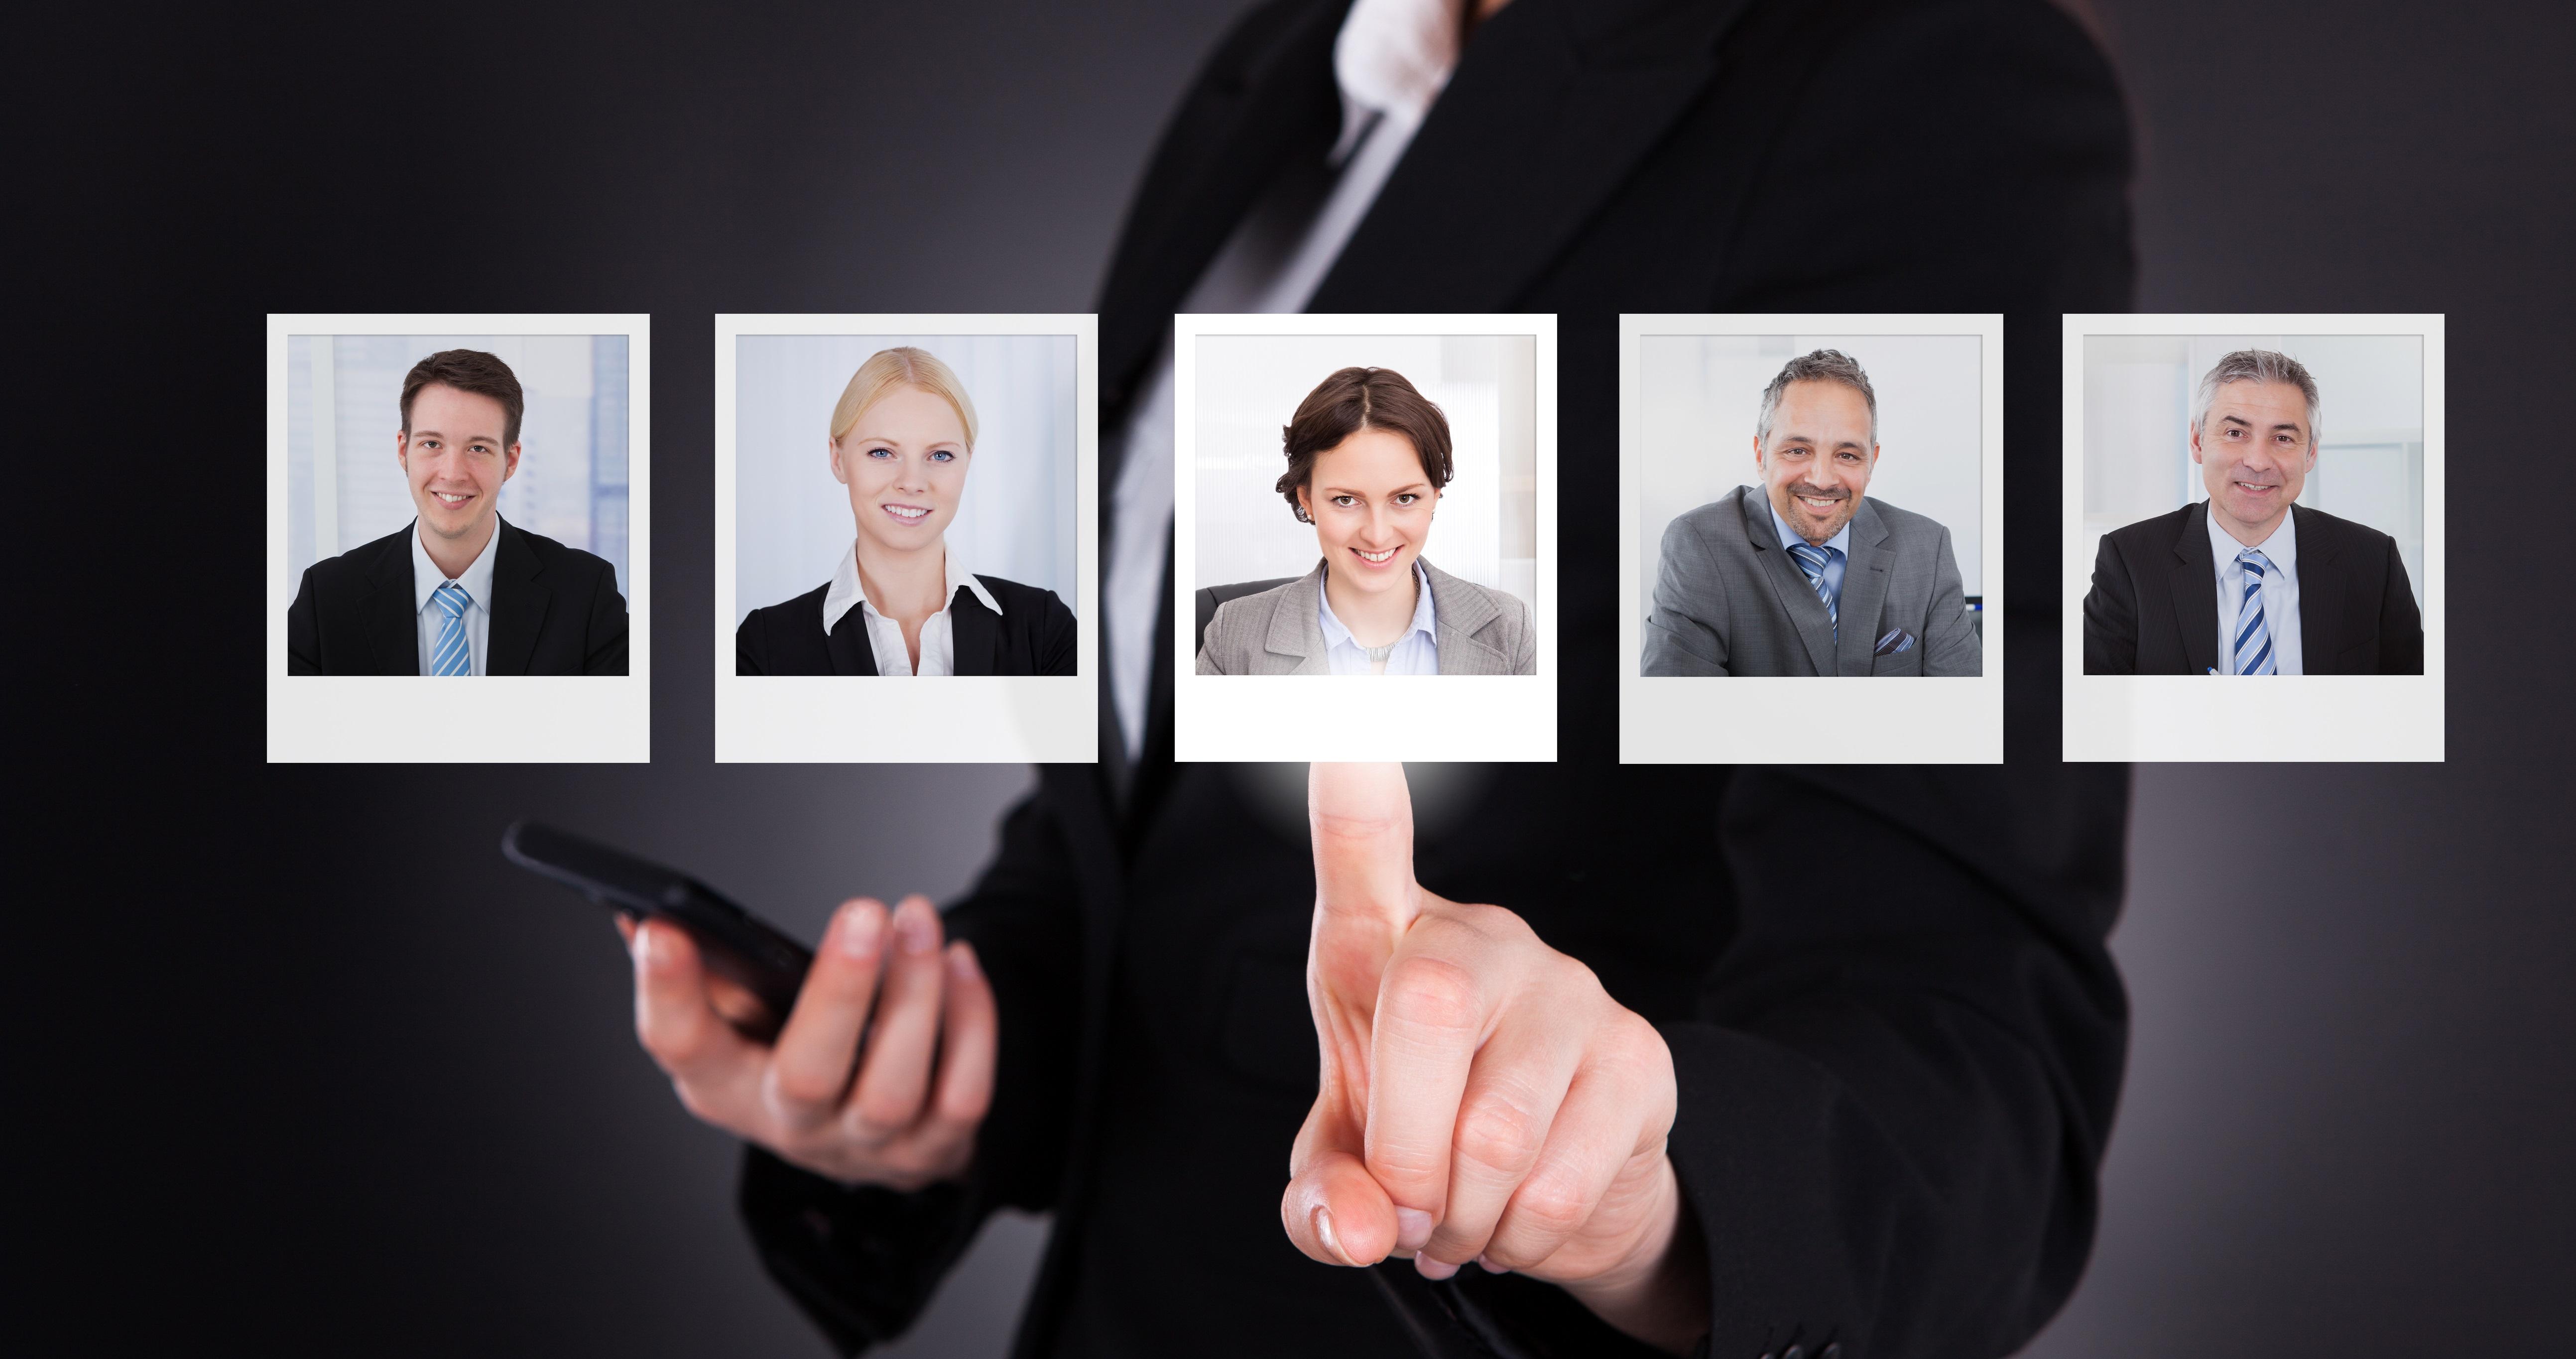 Beneficios de contratar un servicio de Headhunting